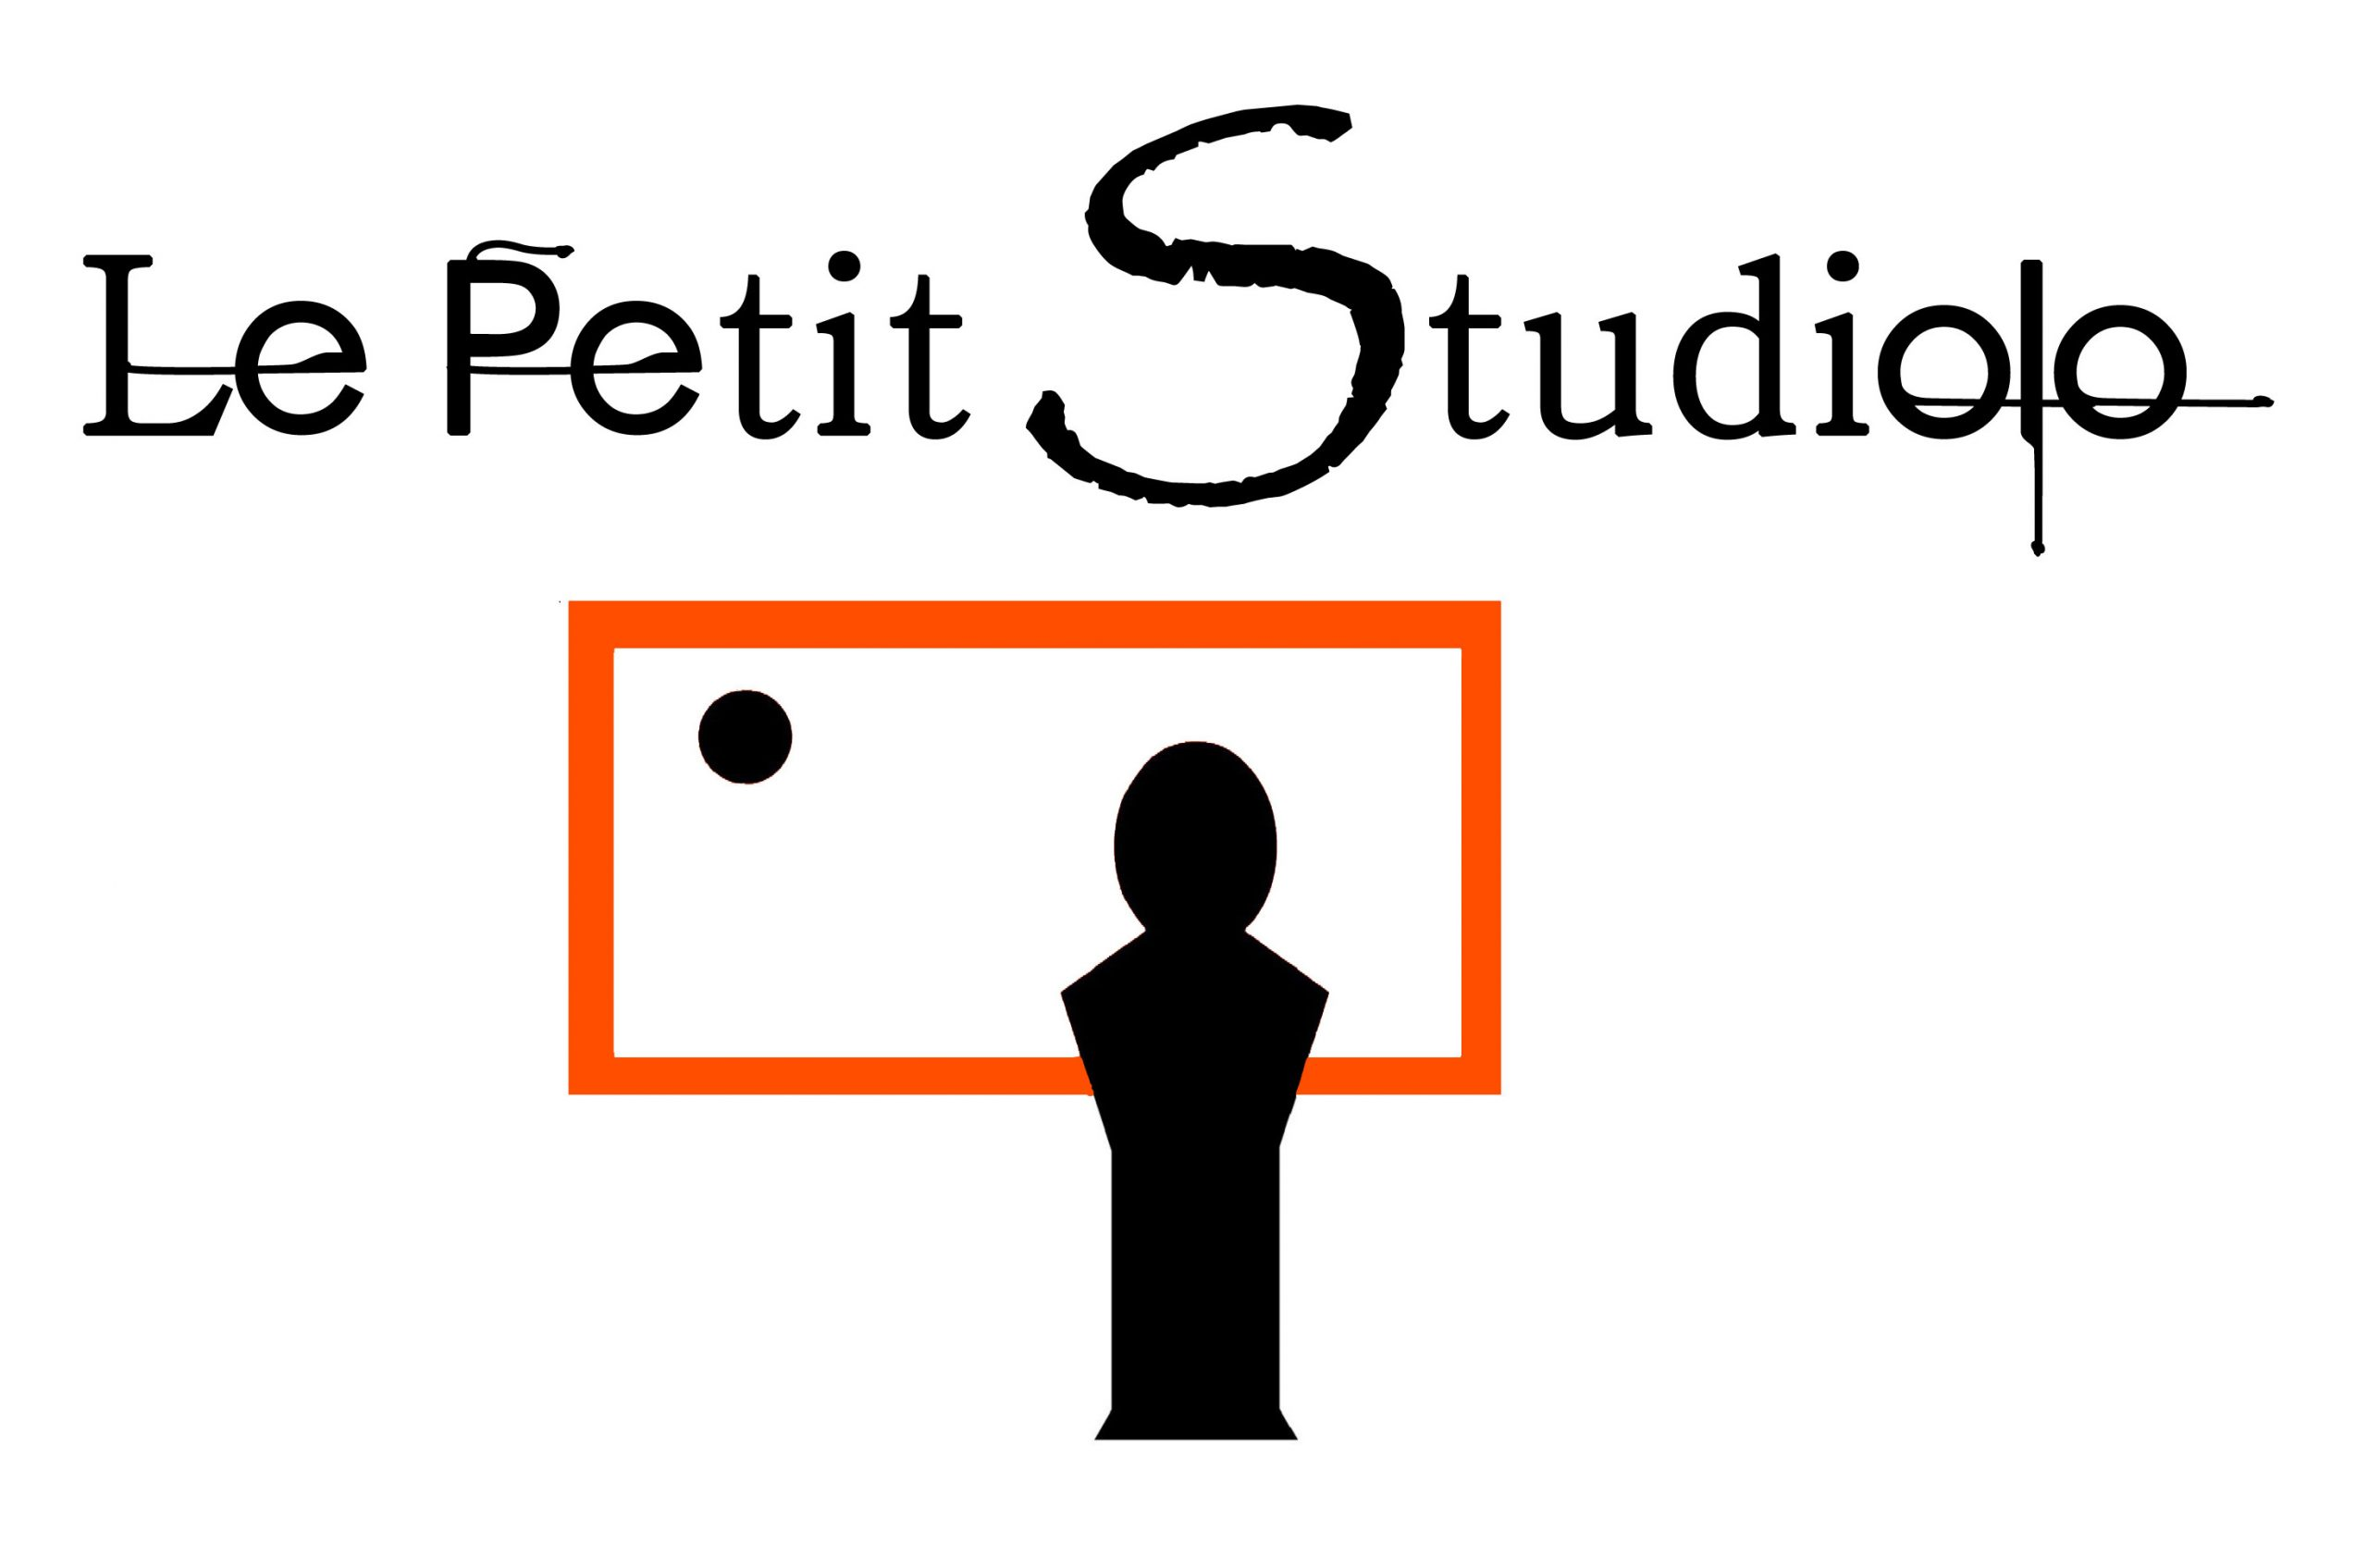 Le Petit Studiolo